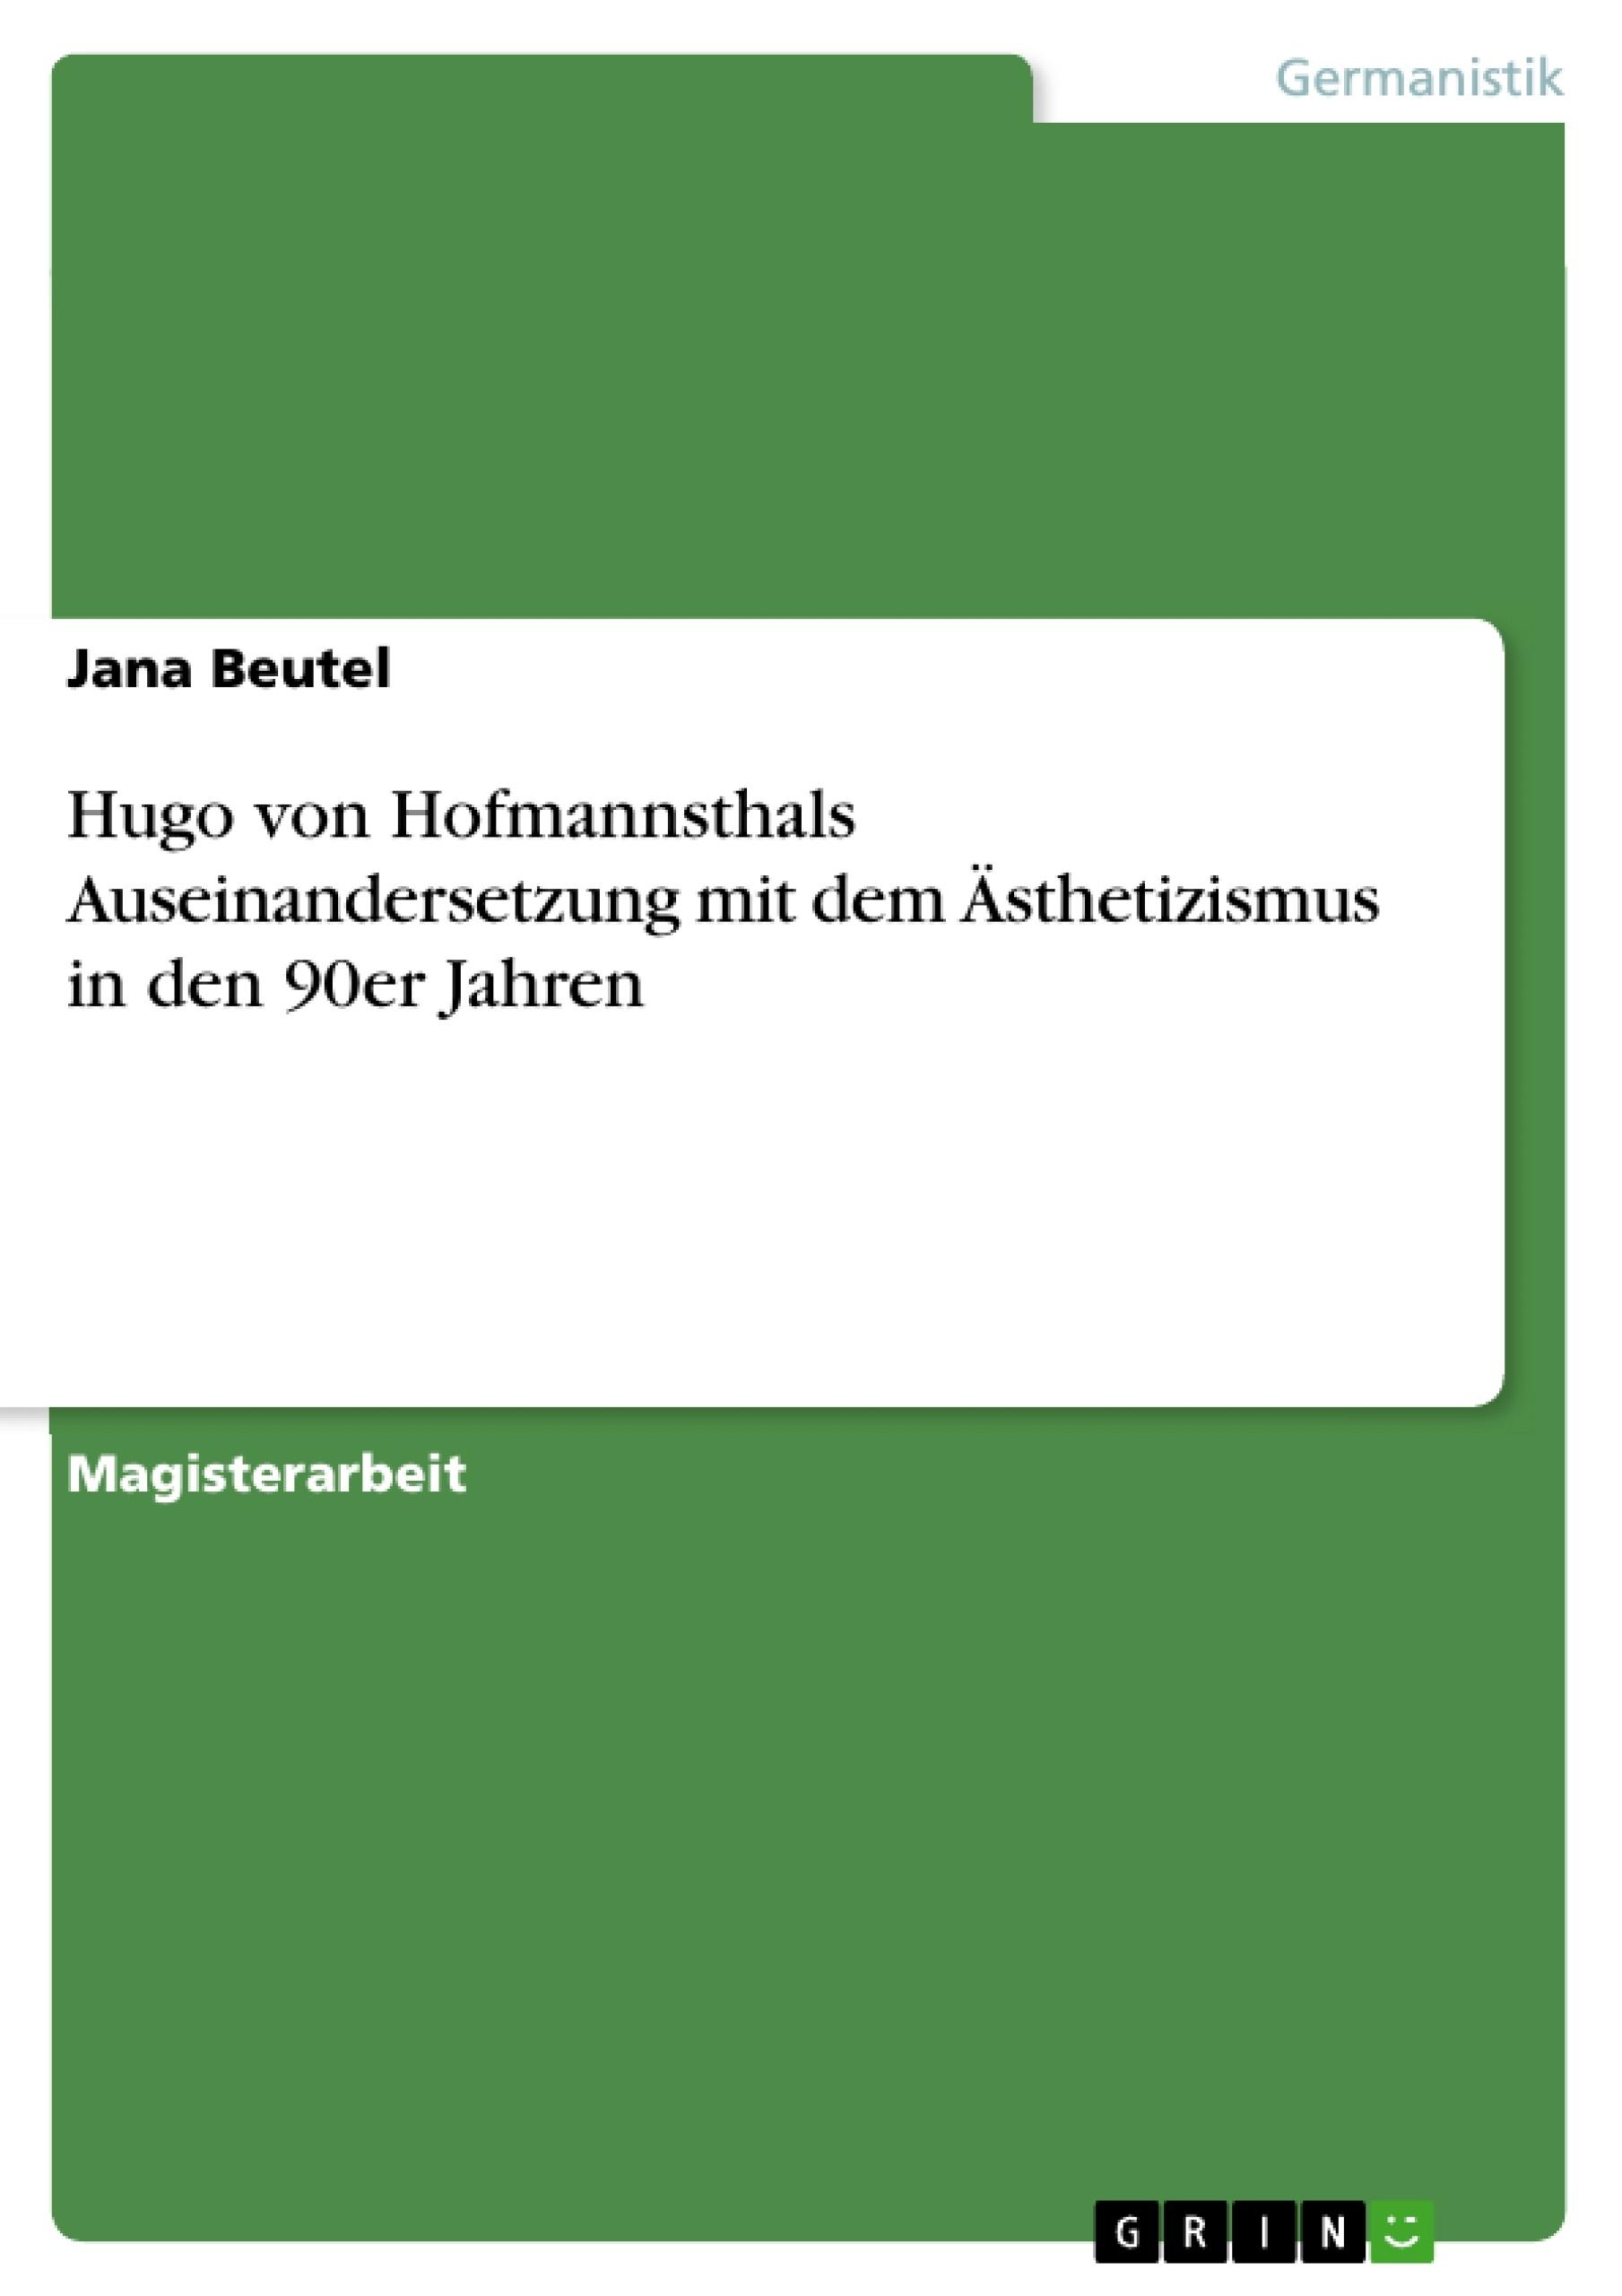 Titel: Hugo von Hofmannsthals Auseinandersetzung mit dem Ästhetizismus in den 90er Jahren